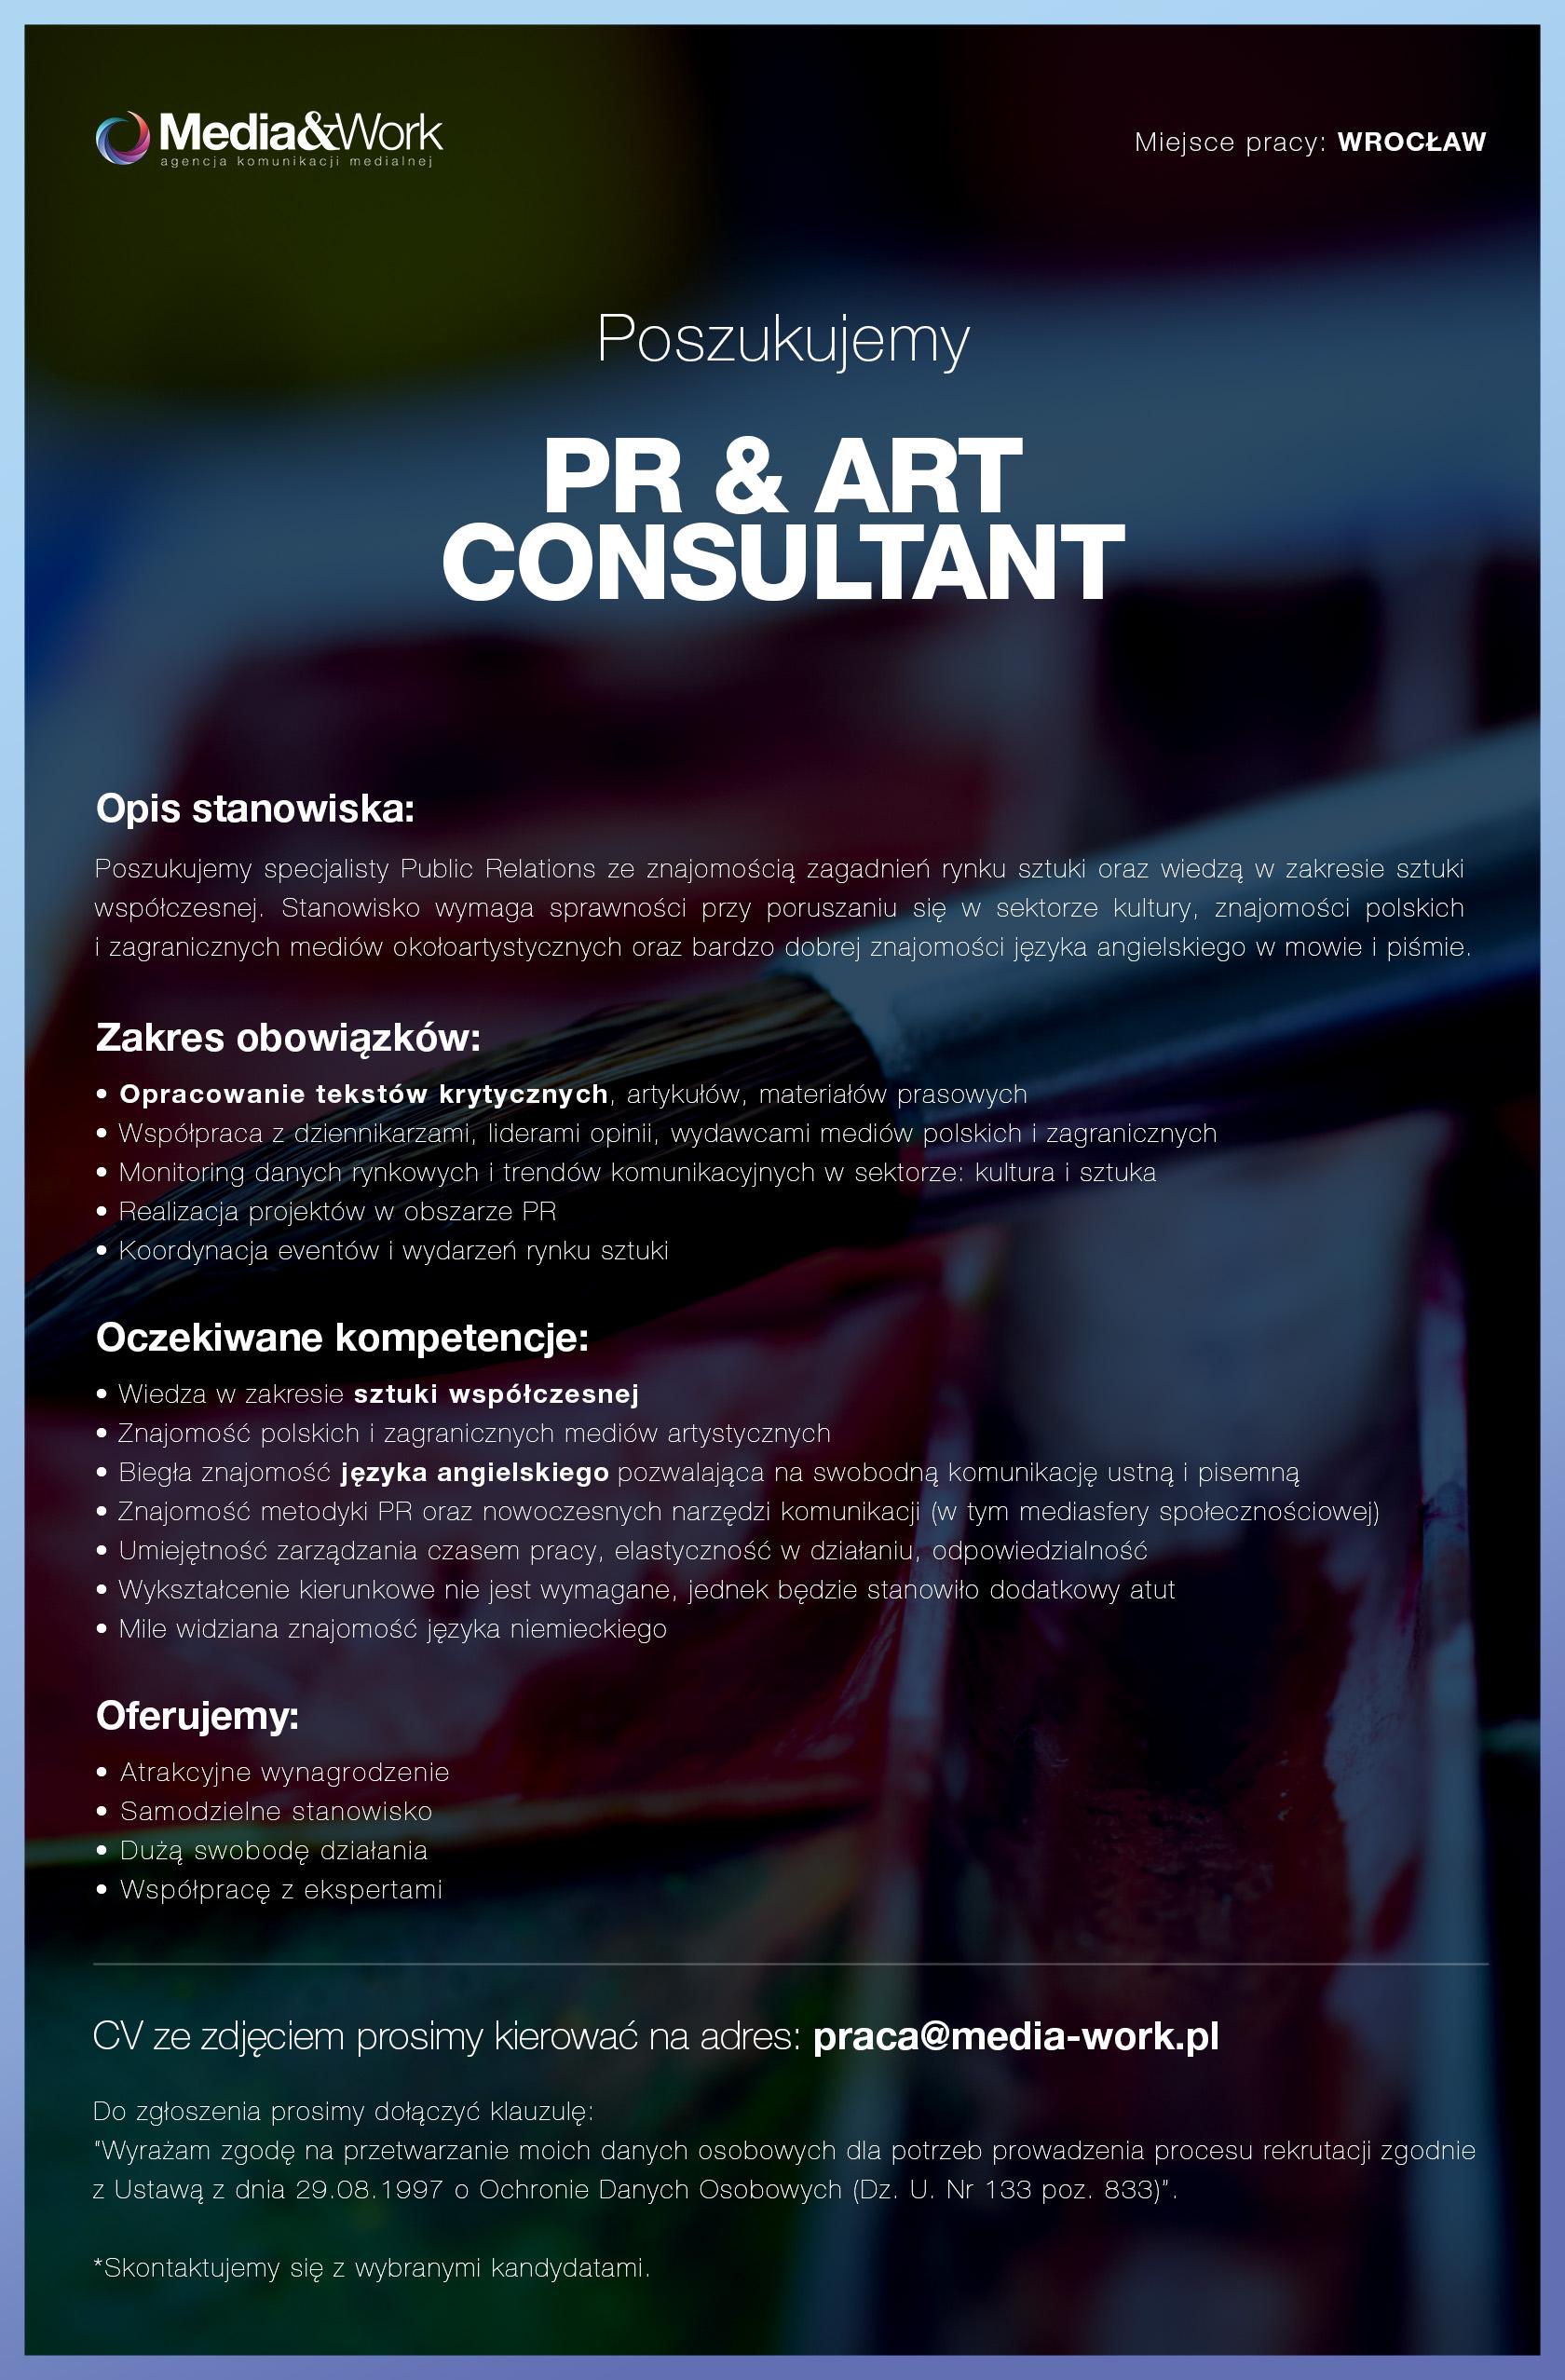 Praca w Media&Work PR & ART CONSULTANT